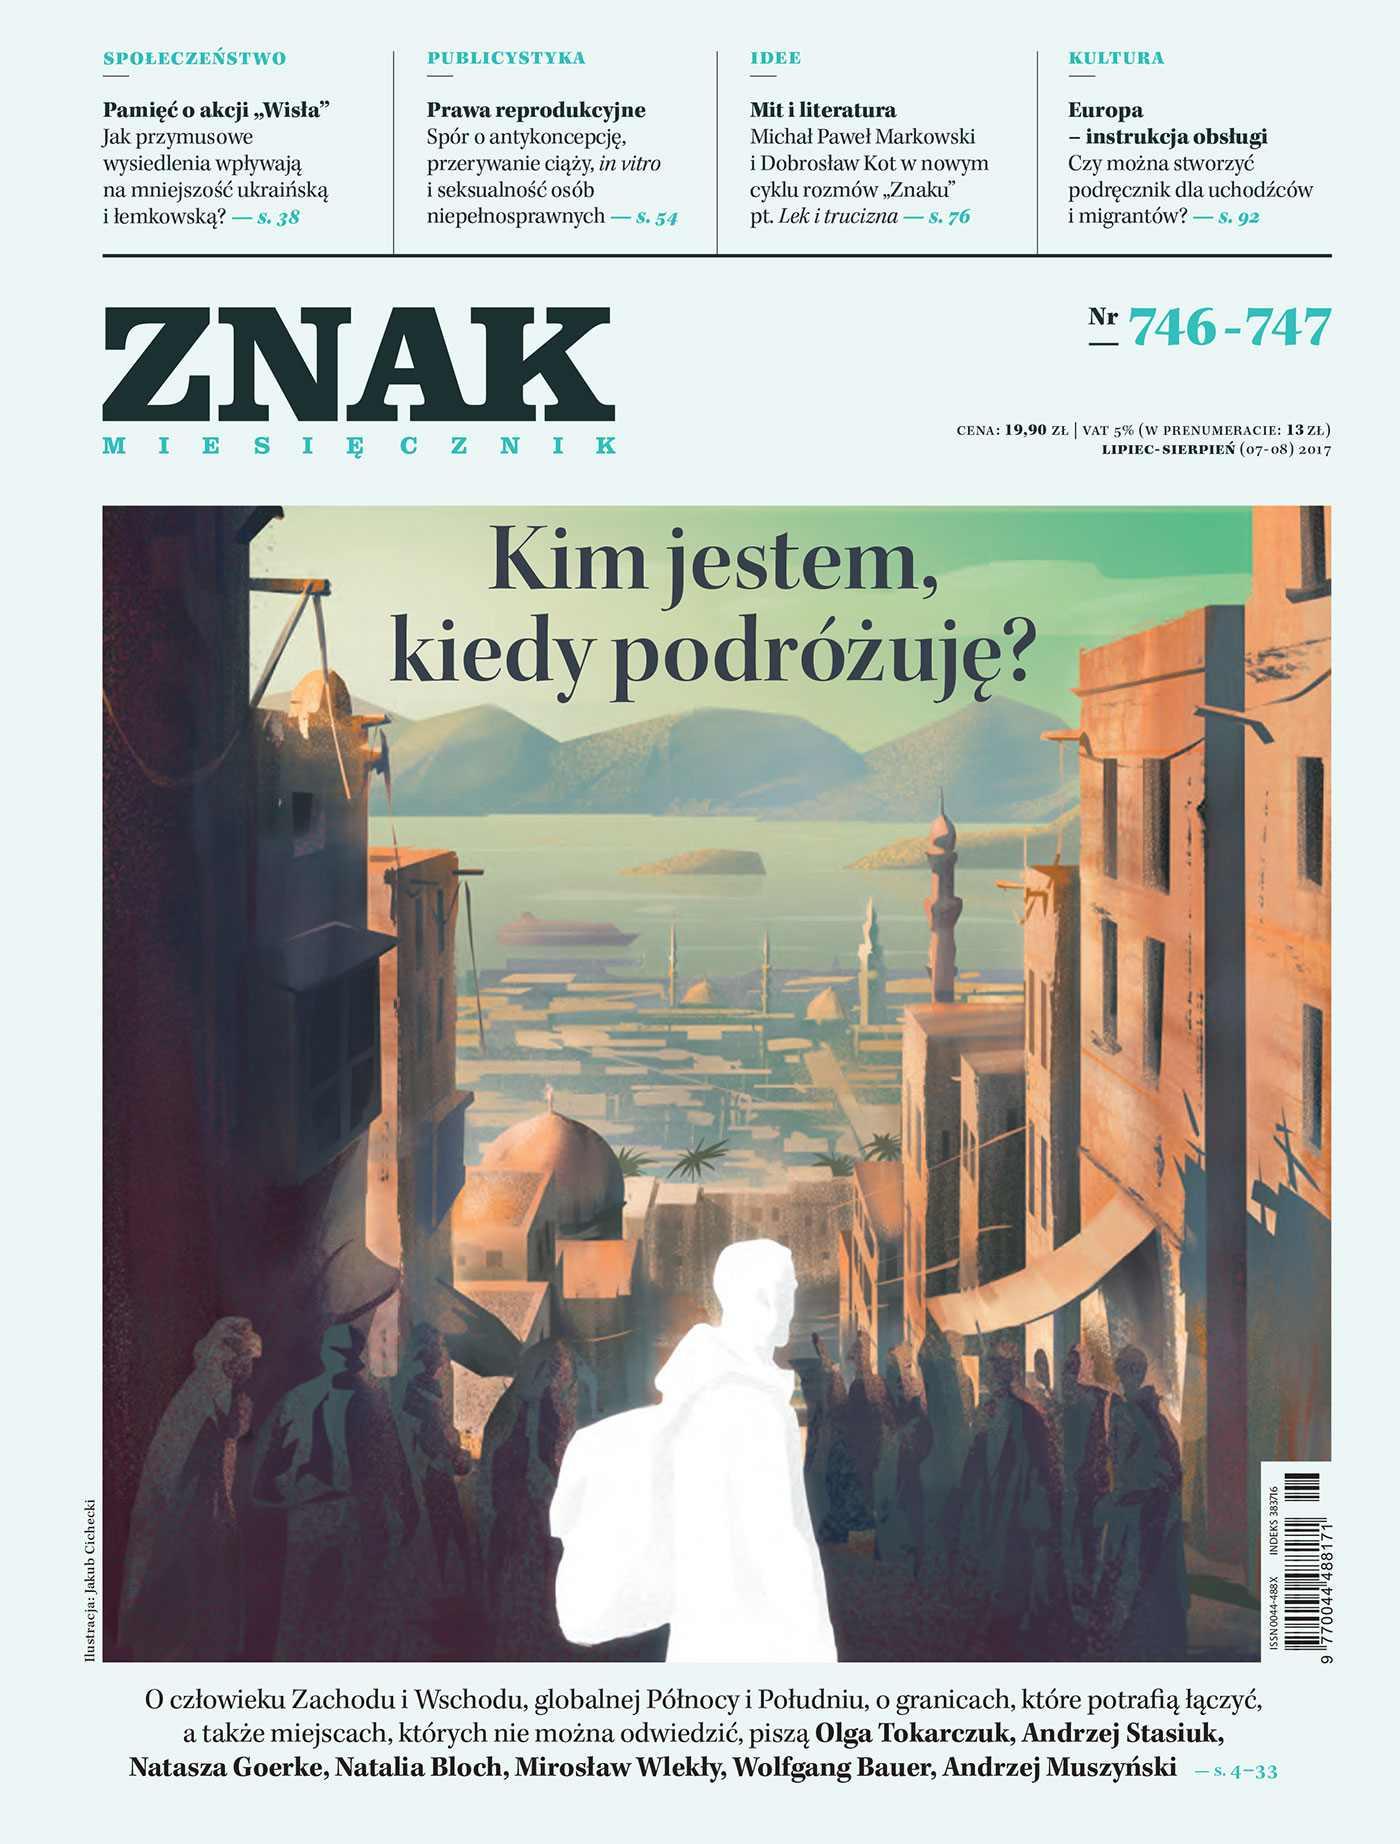 Miesięcznik Znak nr 746-747: Kim jestem, kiedy podróżuję? - Ebook (Książka EPUB) do pobrania w formacie EPUB